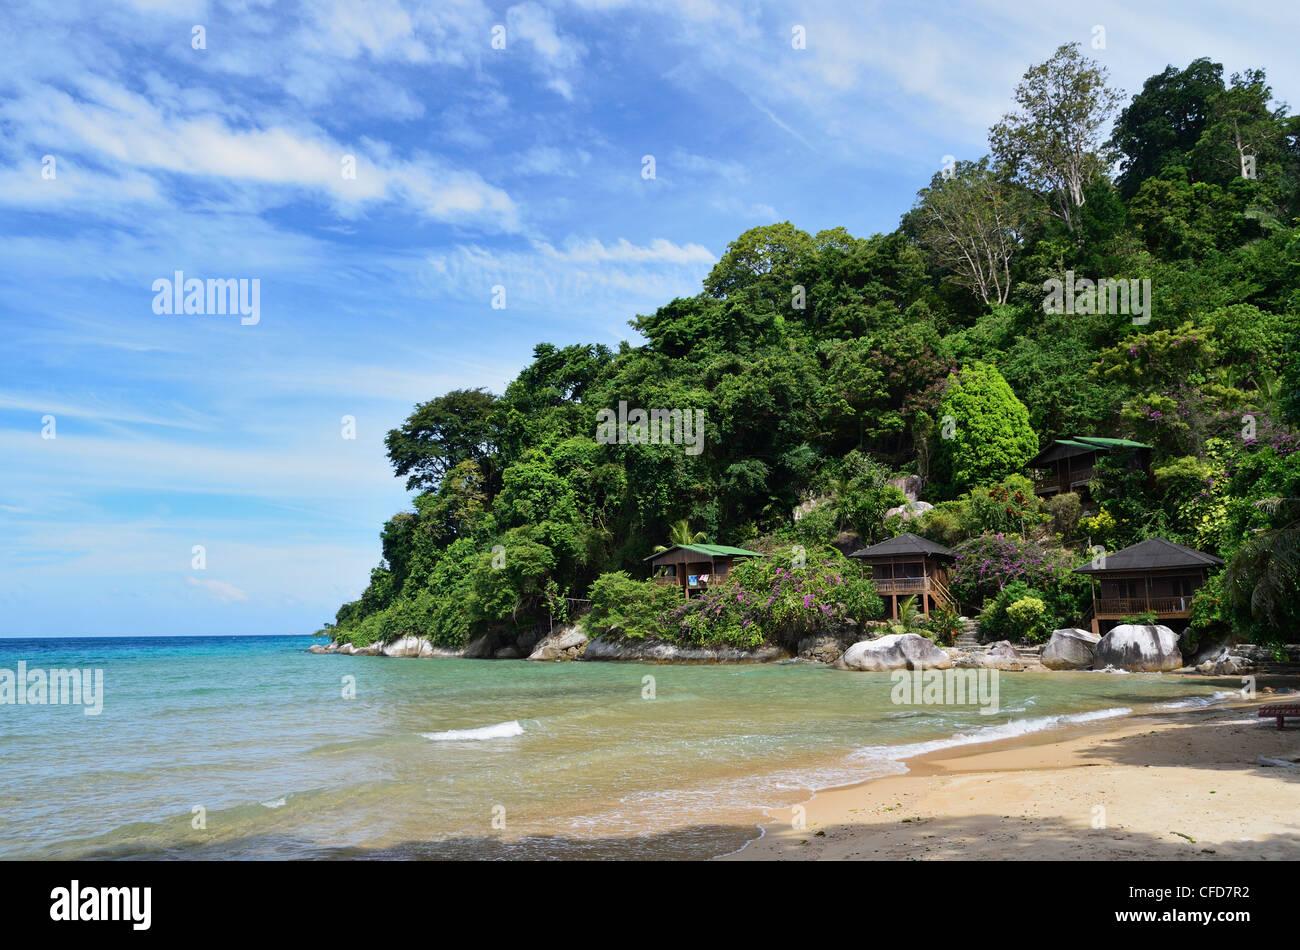 Playa de Salang, Pulau Tioman (la isla de Tioman), Pahang, Malasia, Sudeste Asiático, Asia Foto de stock